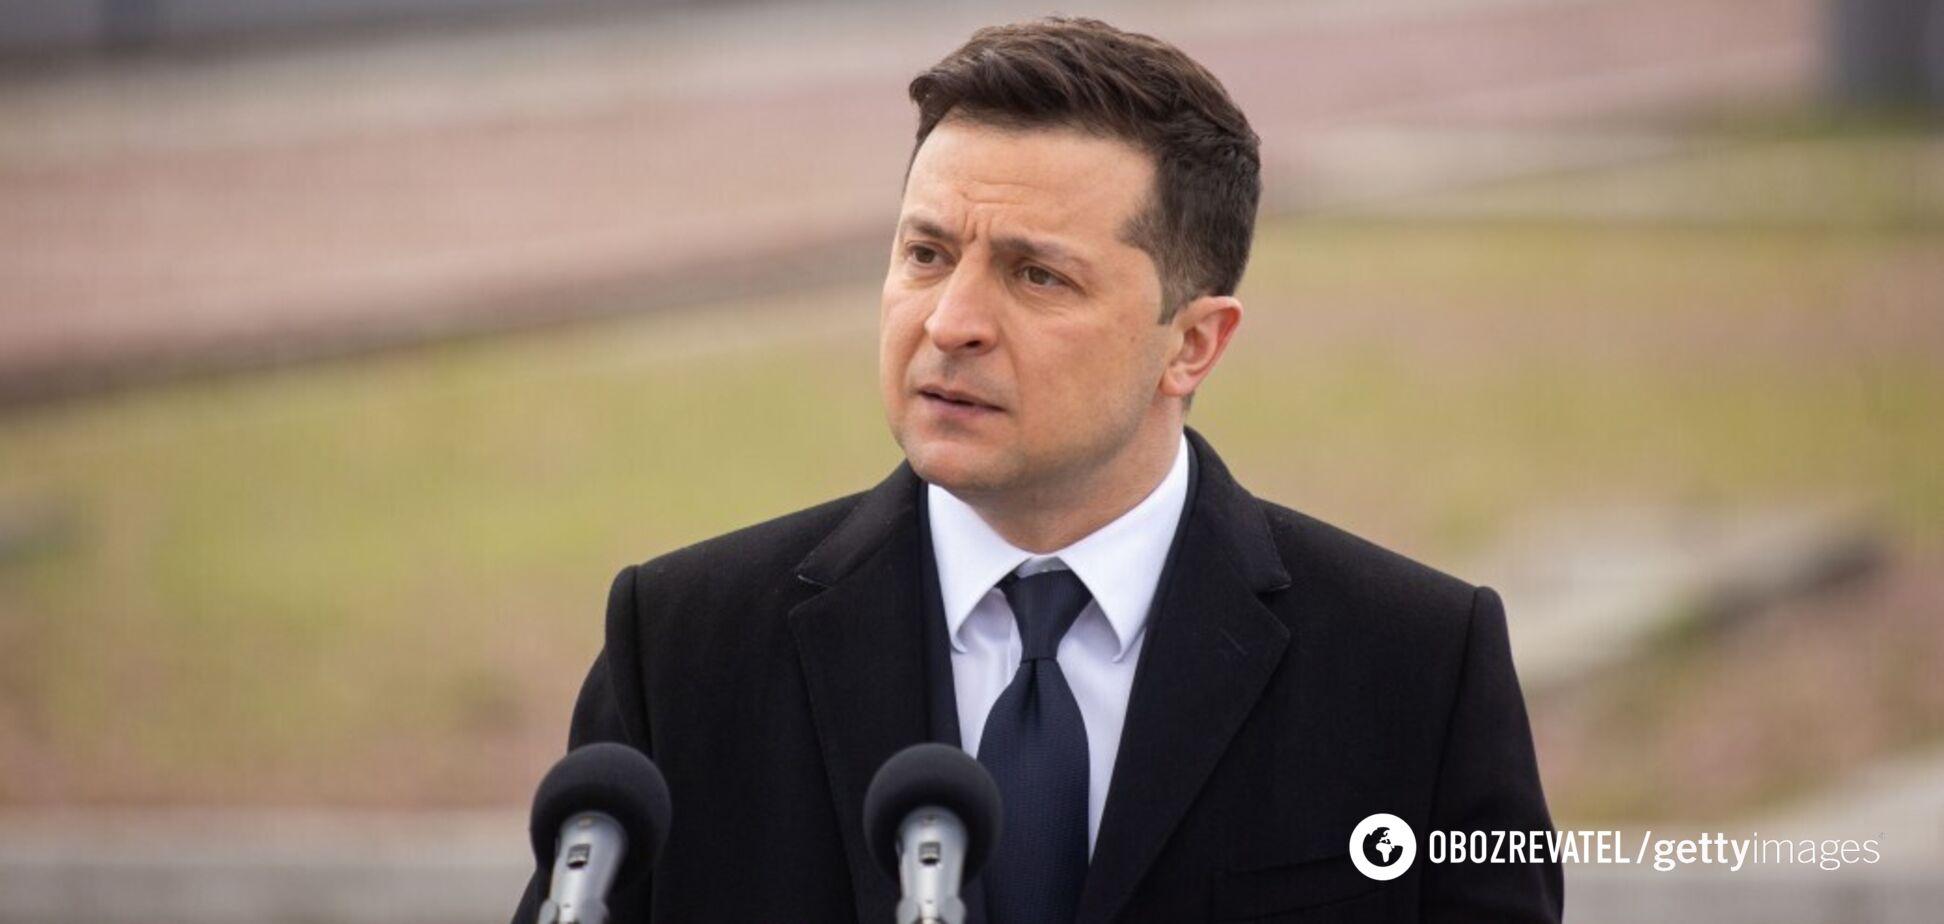 Зеленський заявив, що була ймовірність повномасштабного вторгнення Росії в Україну